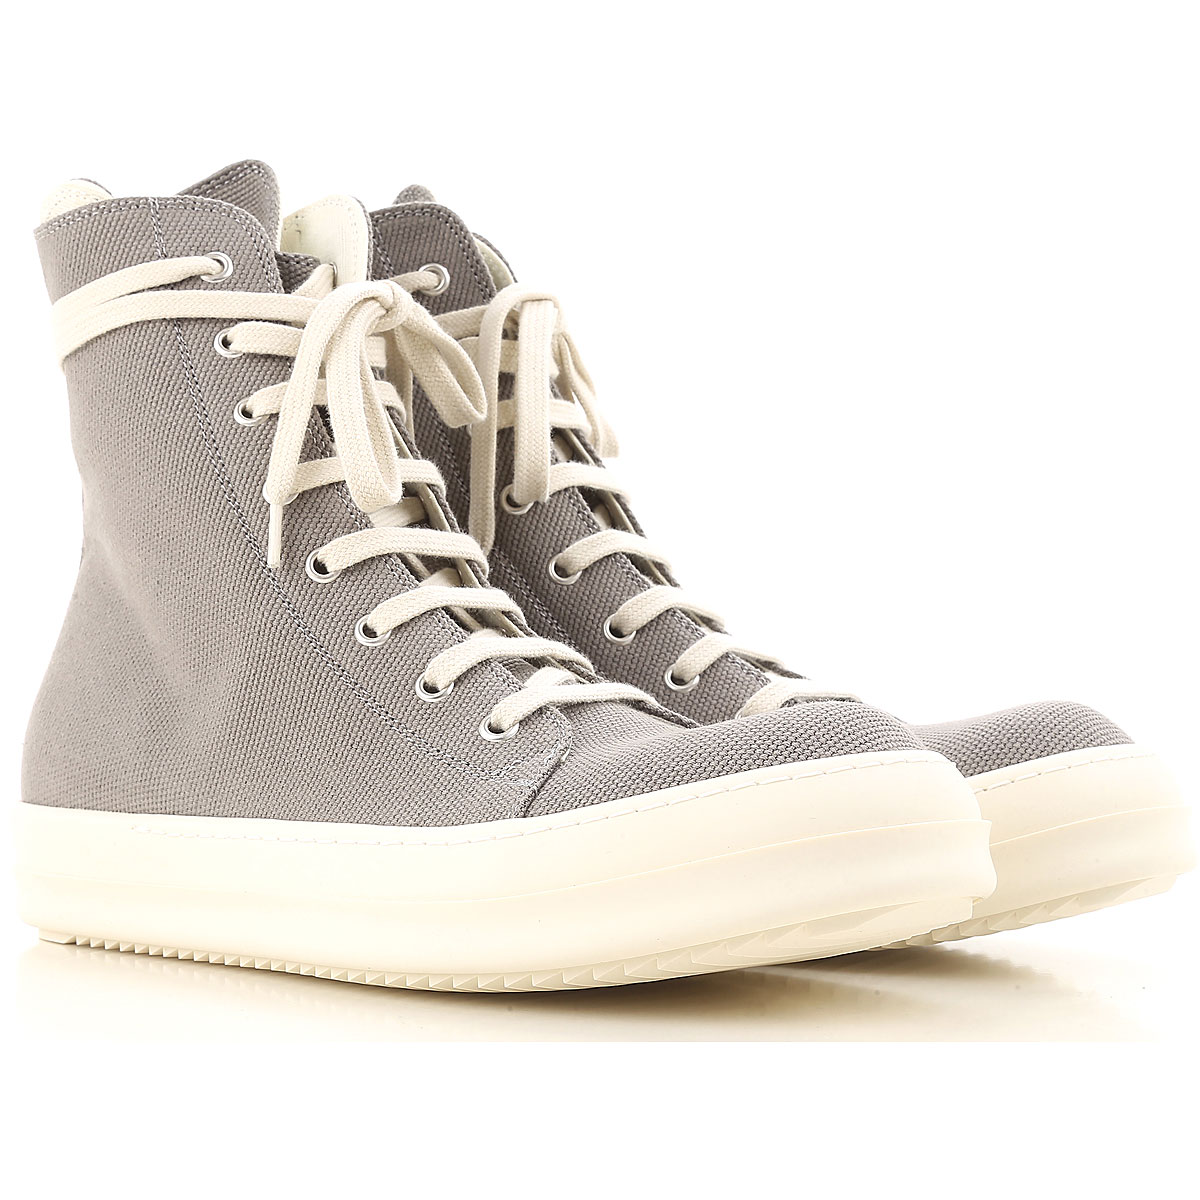 Drkshdw Sneaker Homme Pas cher en Soldes Outlet, Gris, Tissu, 2017, 39 40 41 41.5 42.5